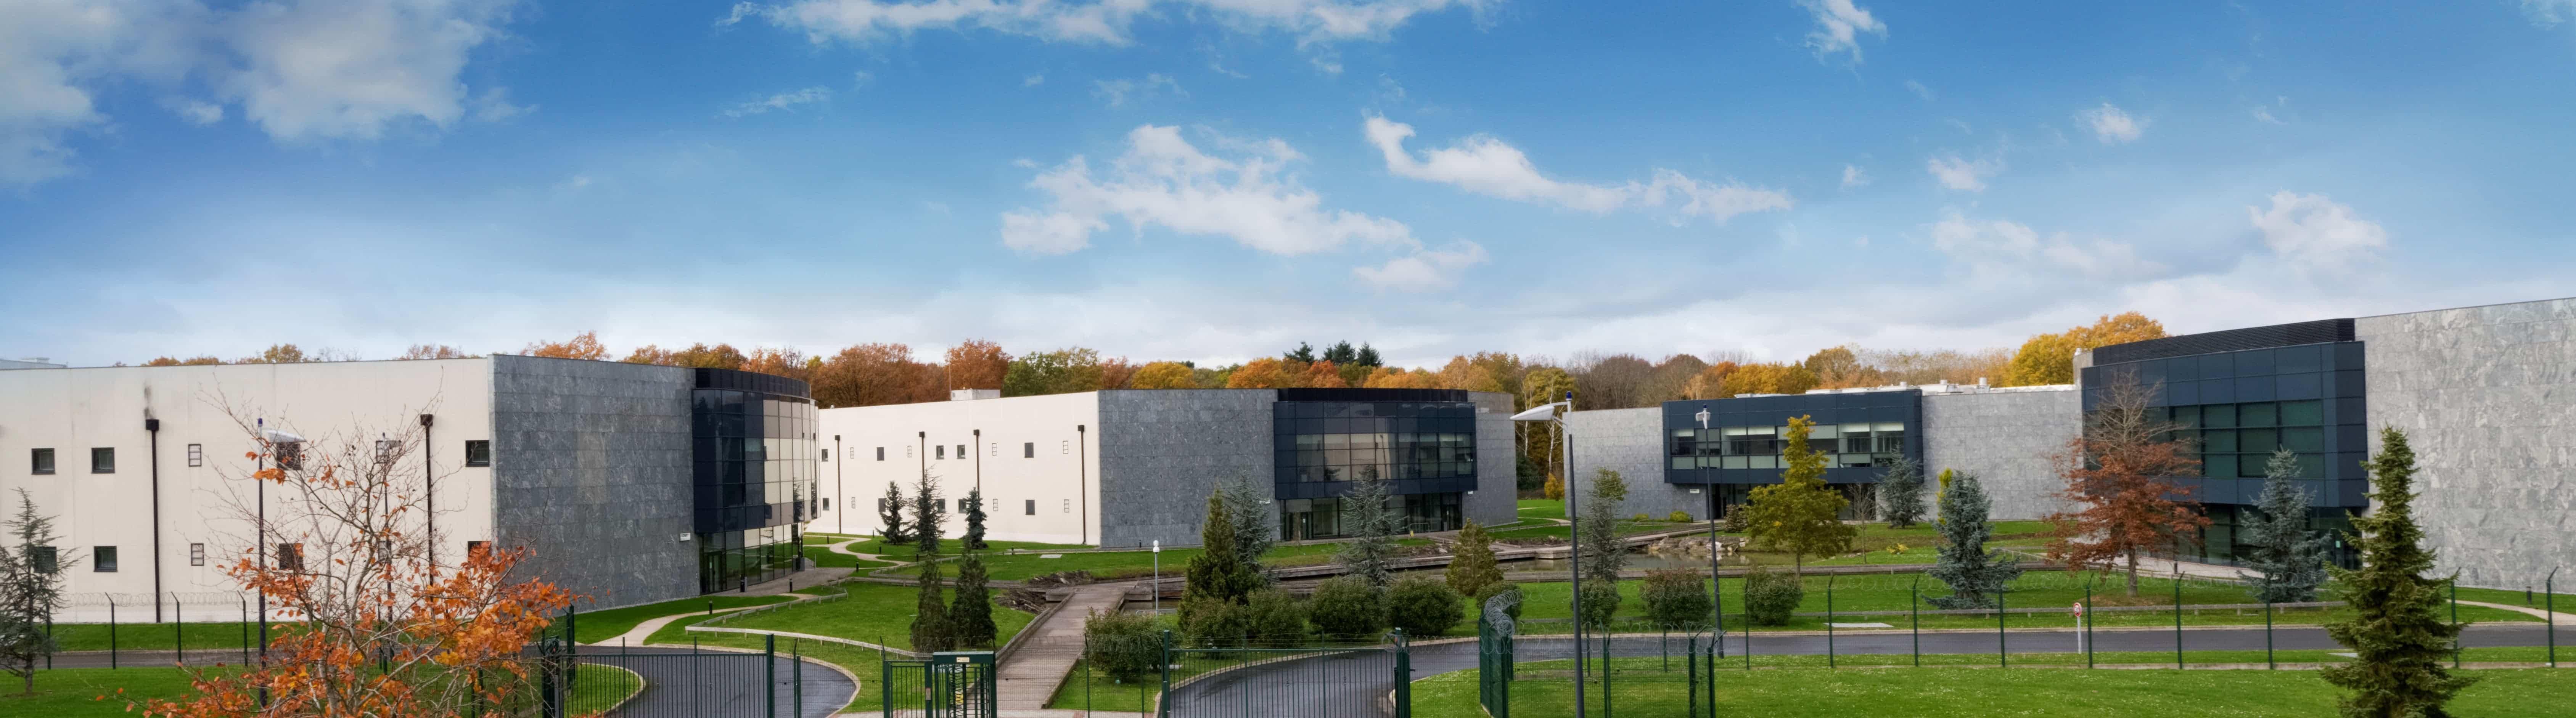 datacenter d4 dc entry